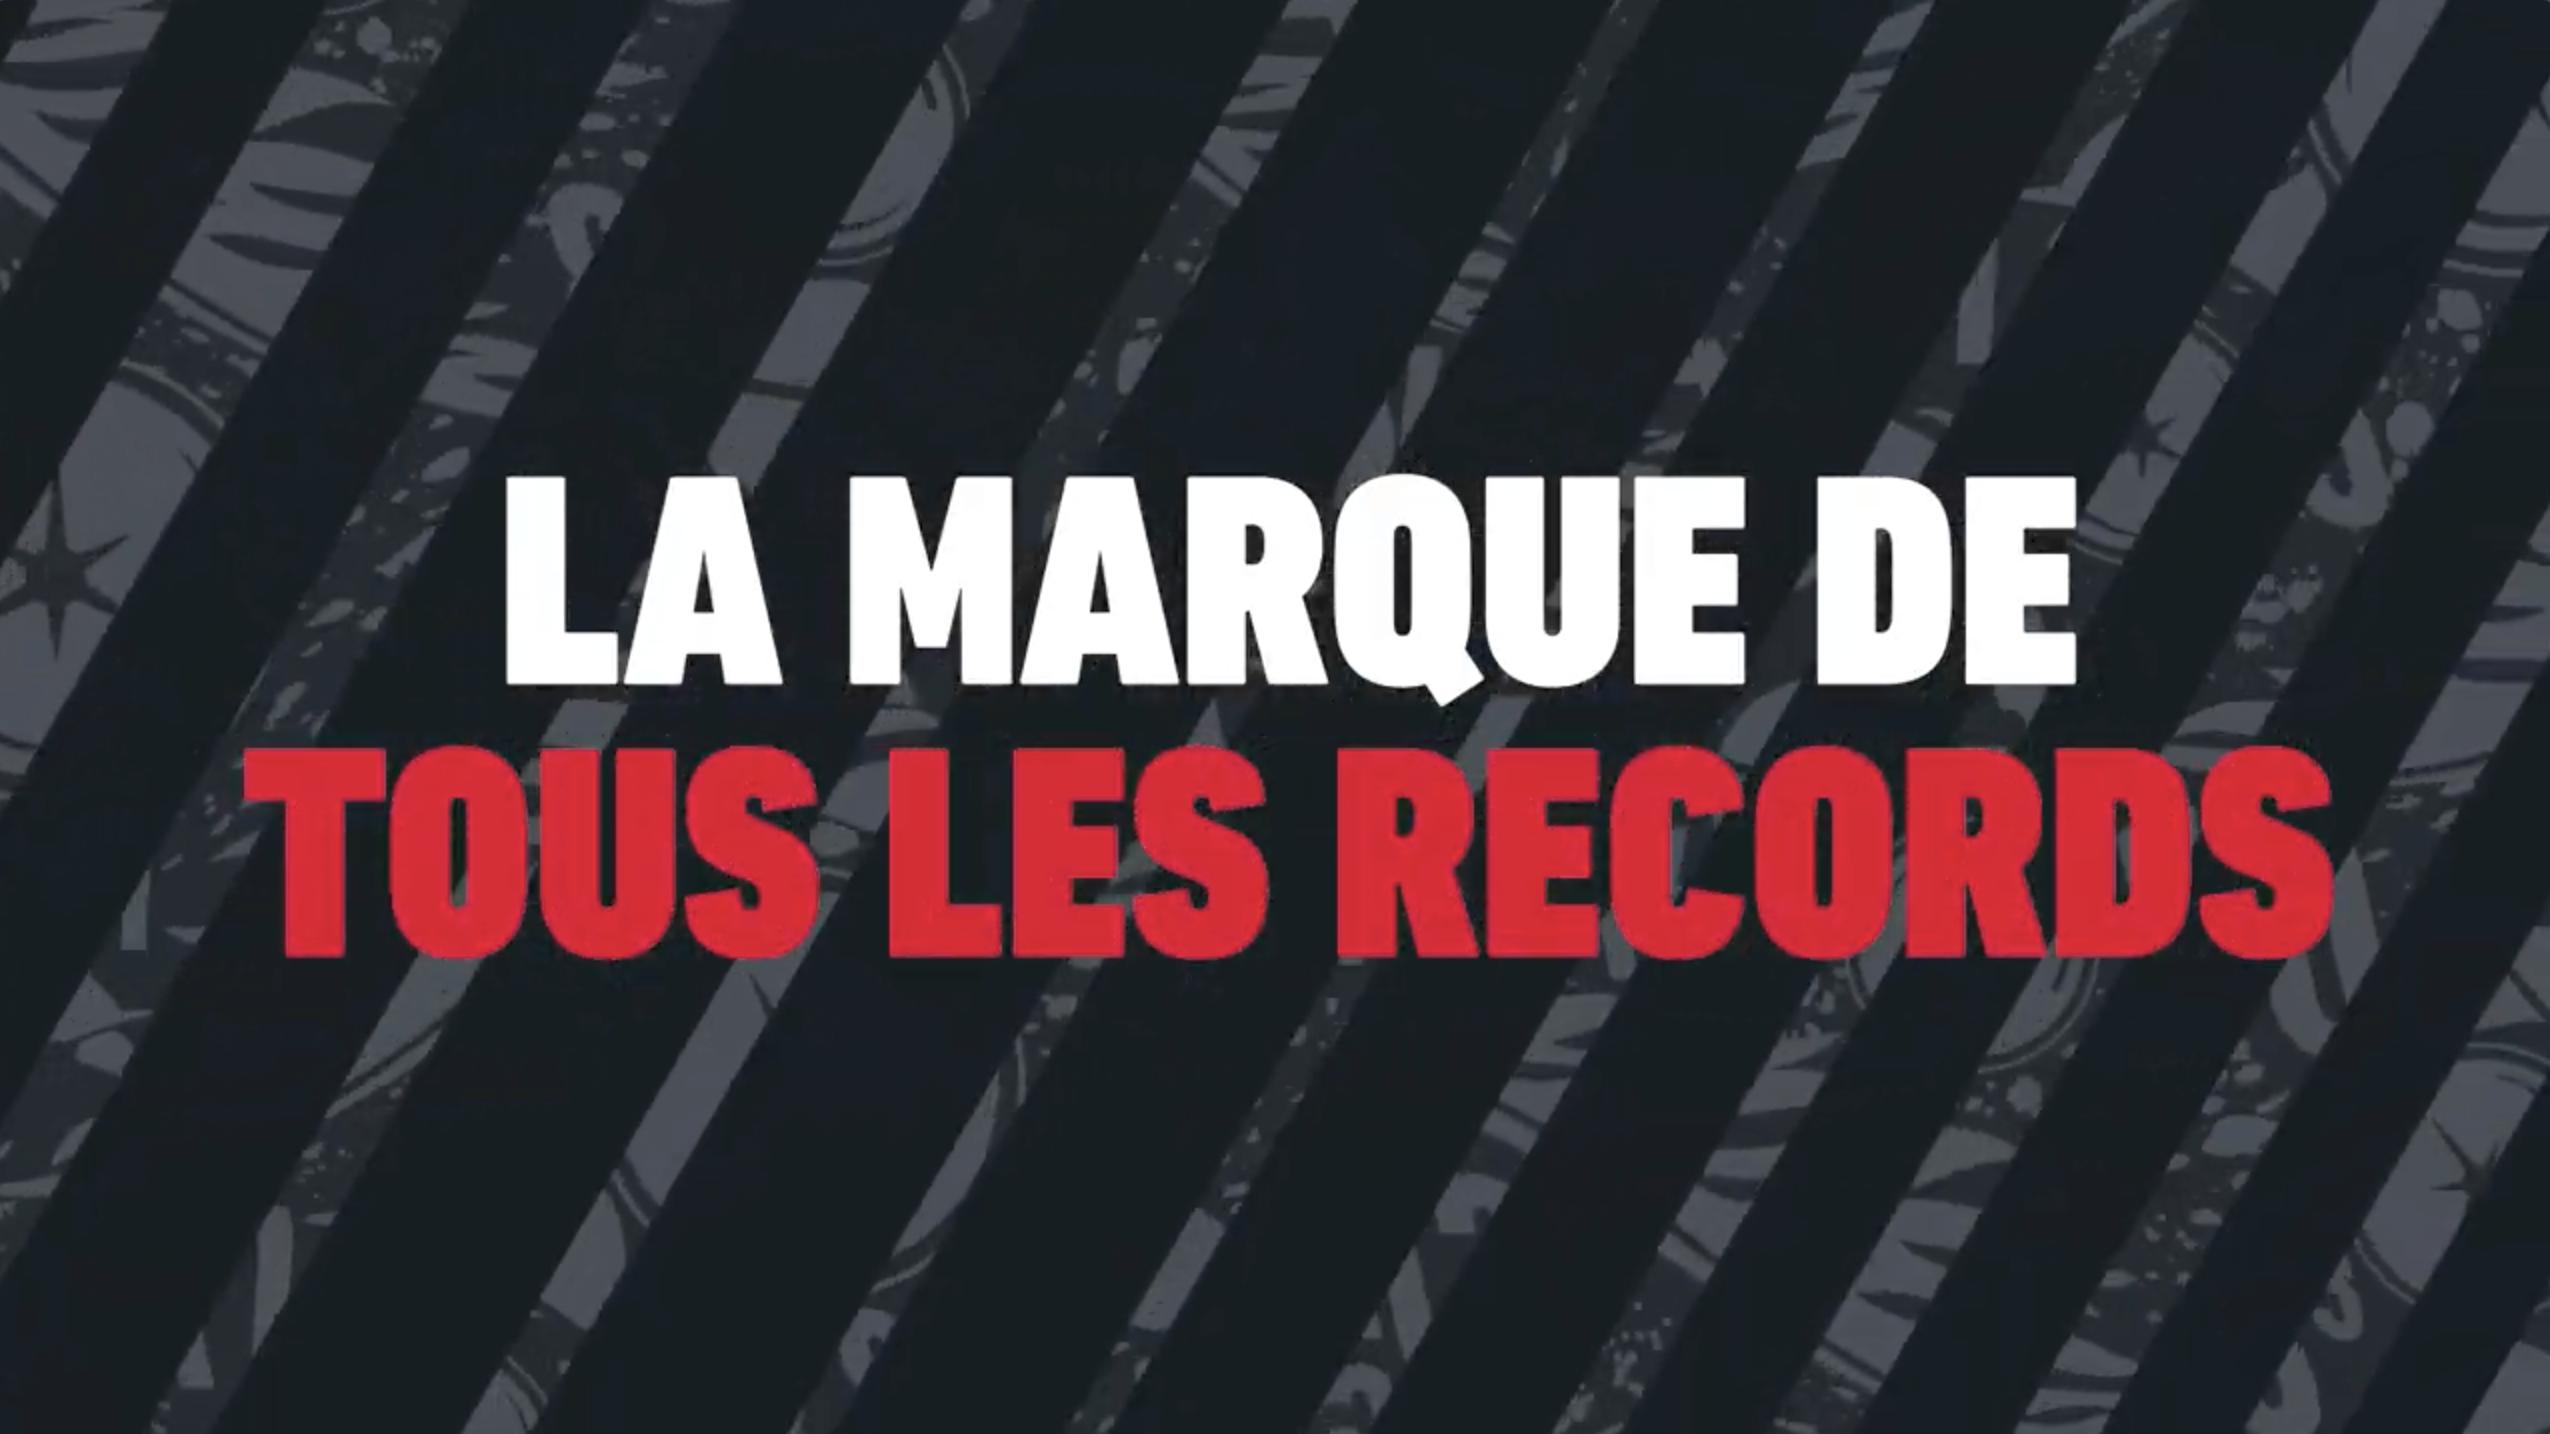 Prix d'Amérique Races – la marque de tous les records